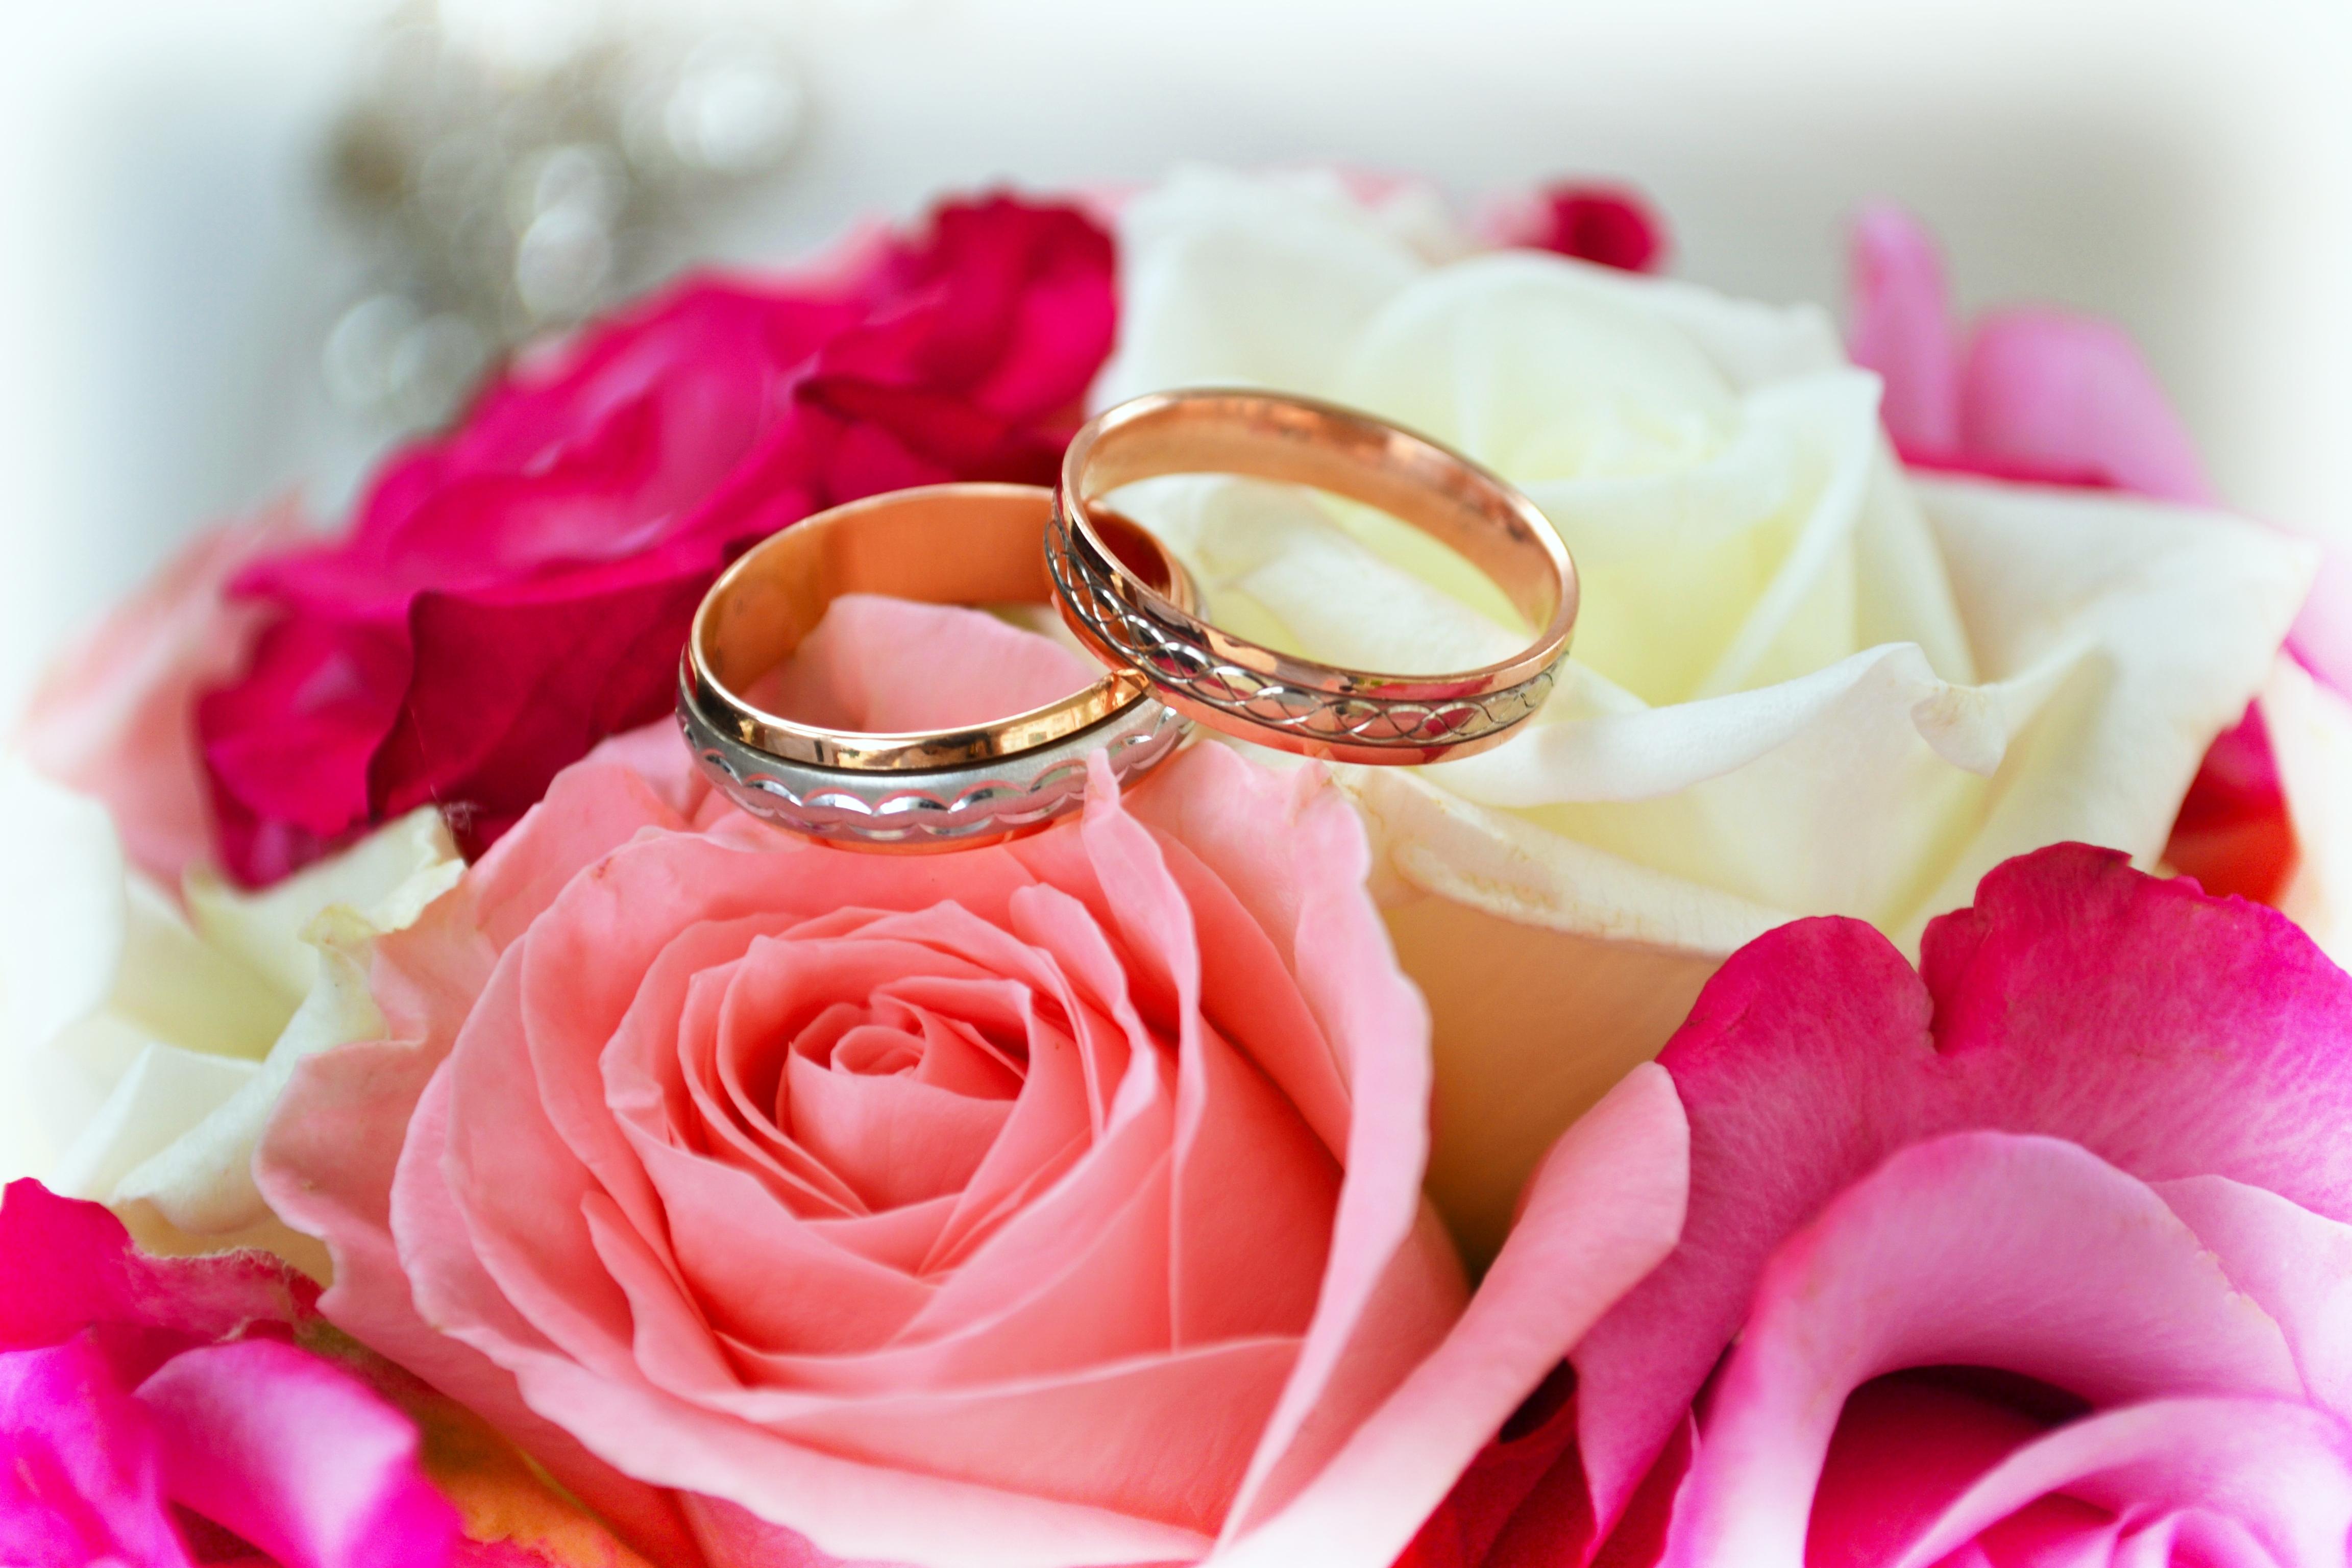 Кольца с цветами : картинки и фото кольца и цветы, скачать изображения 83